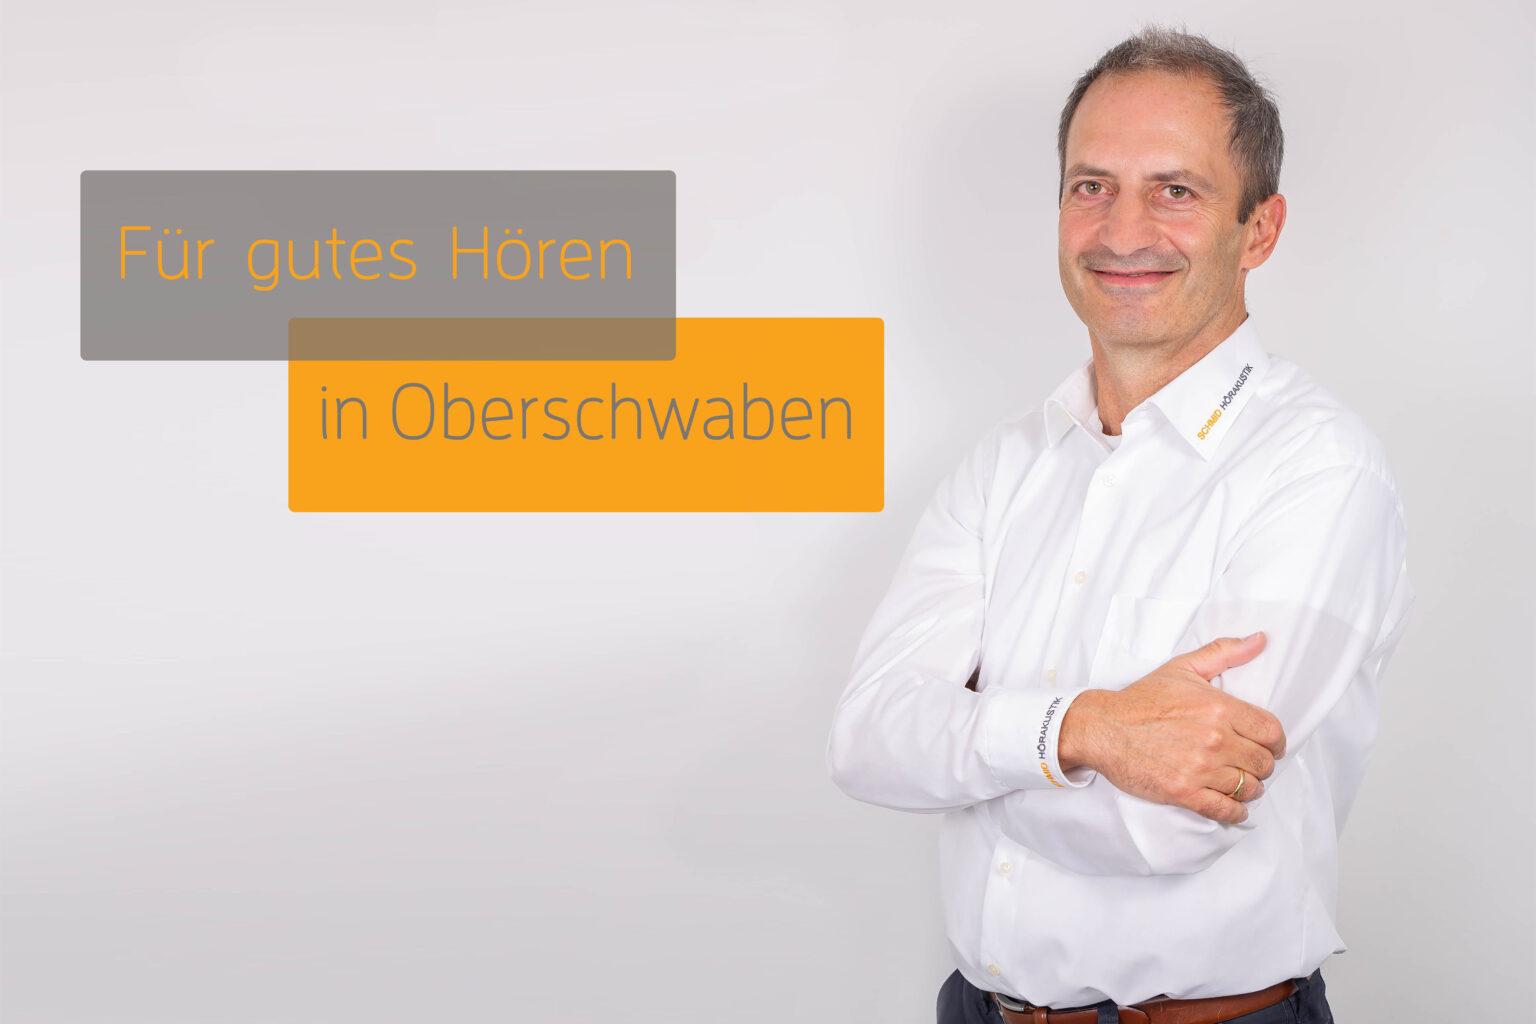 Marcus_SchmidGutesHörenOberschwaben